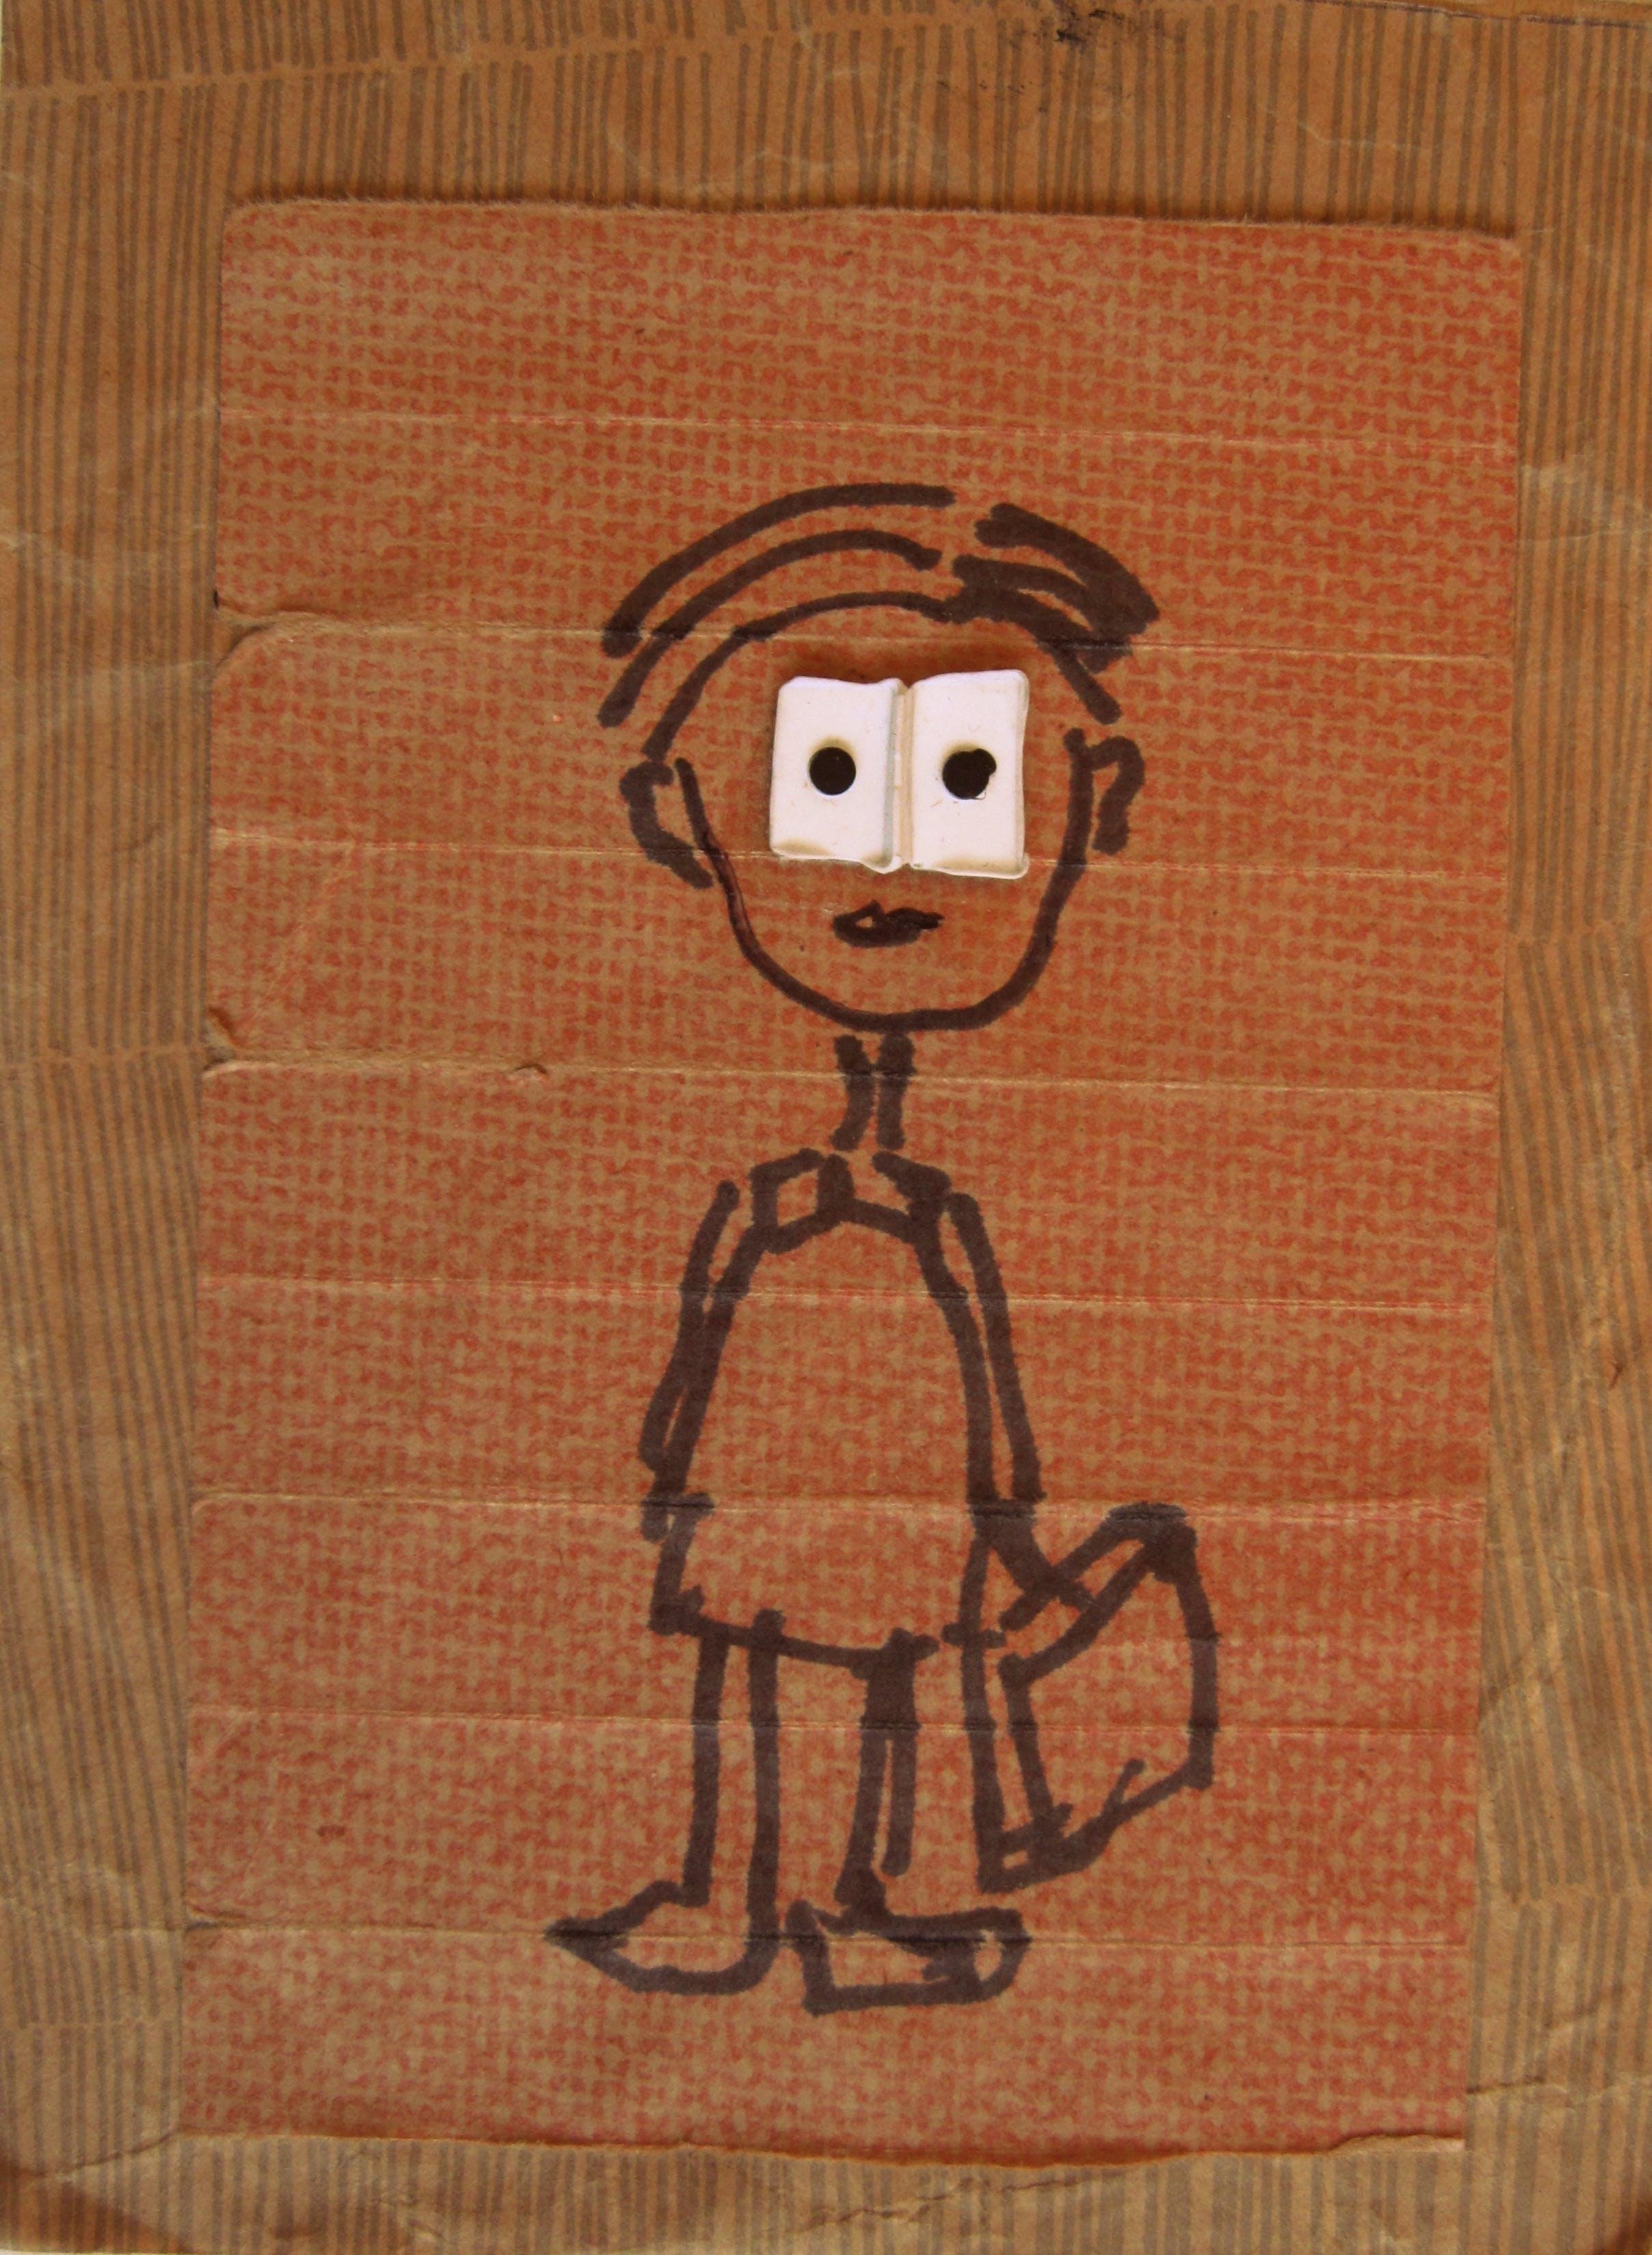 Ystävyydellä, 15cm x 10cm, kollaasi, 2007